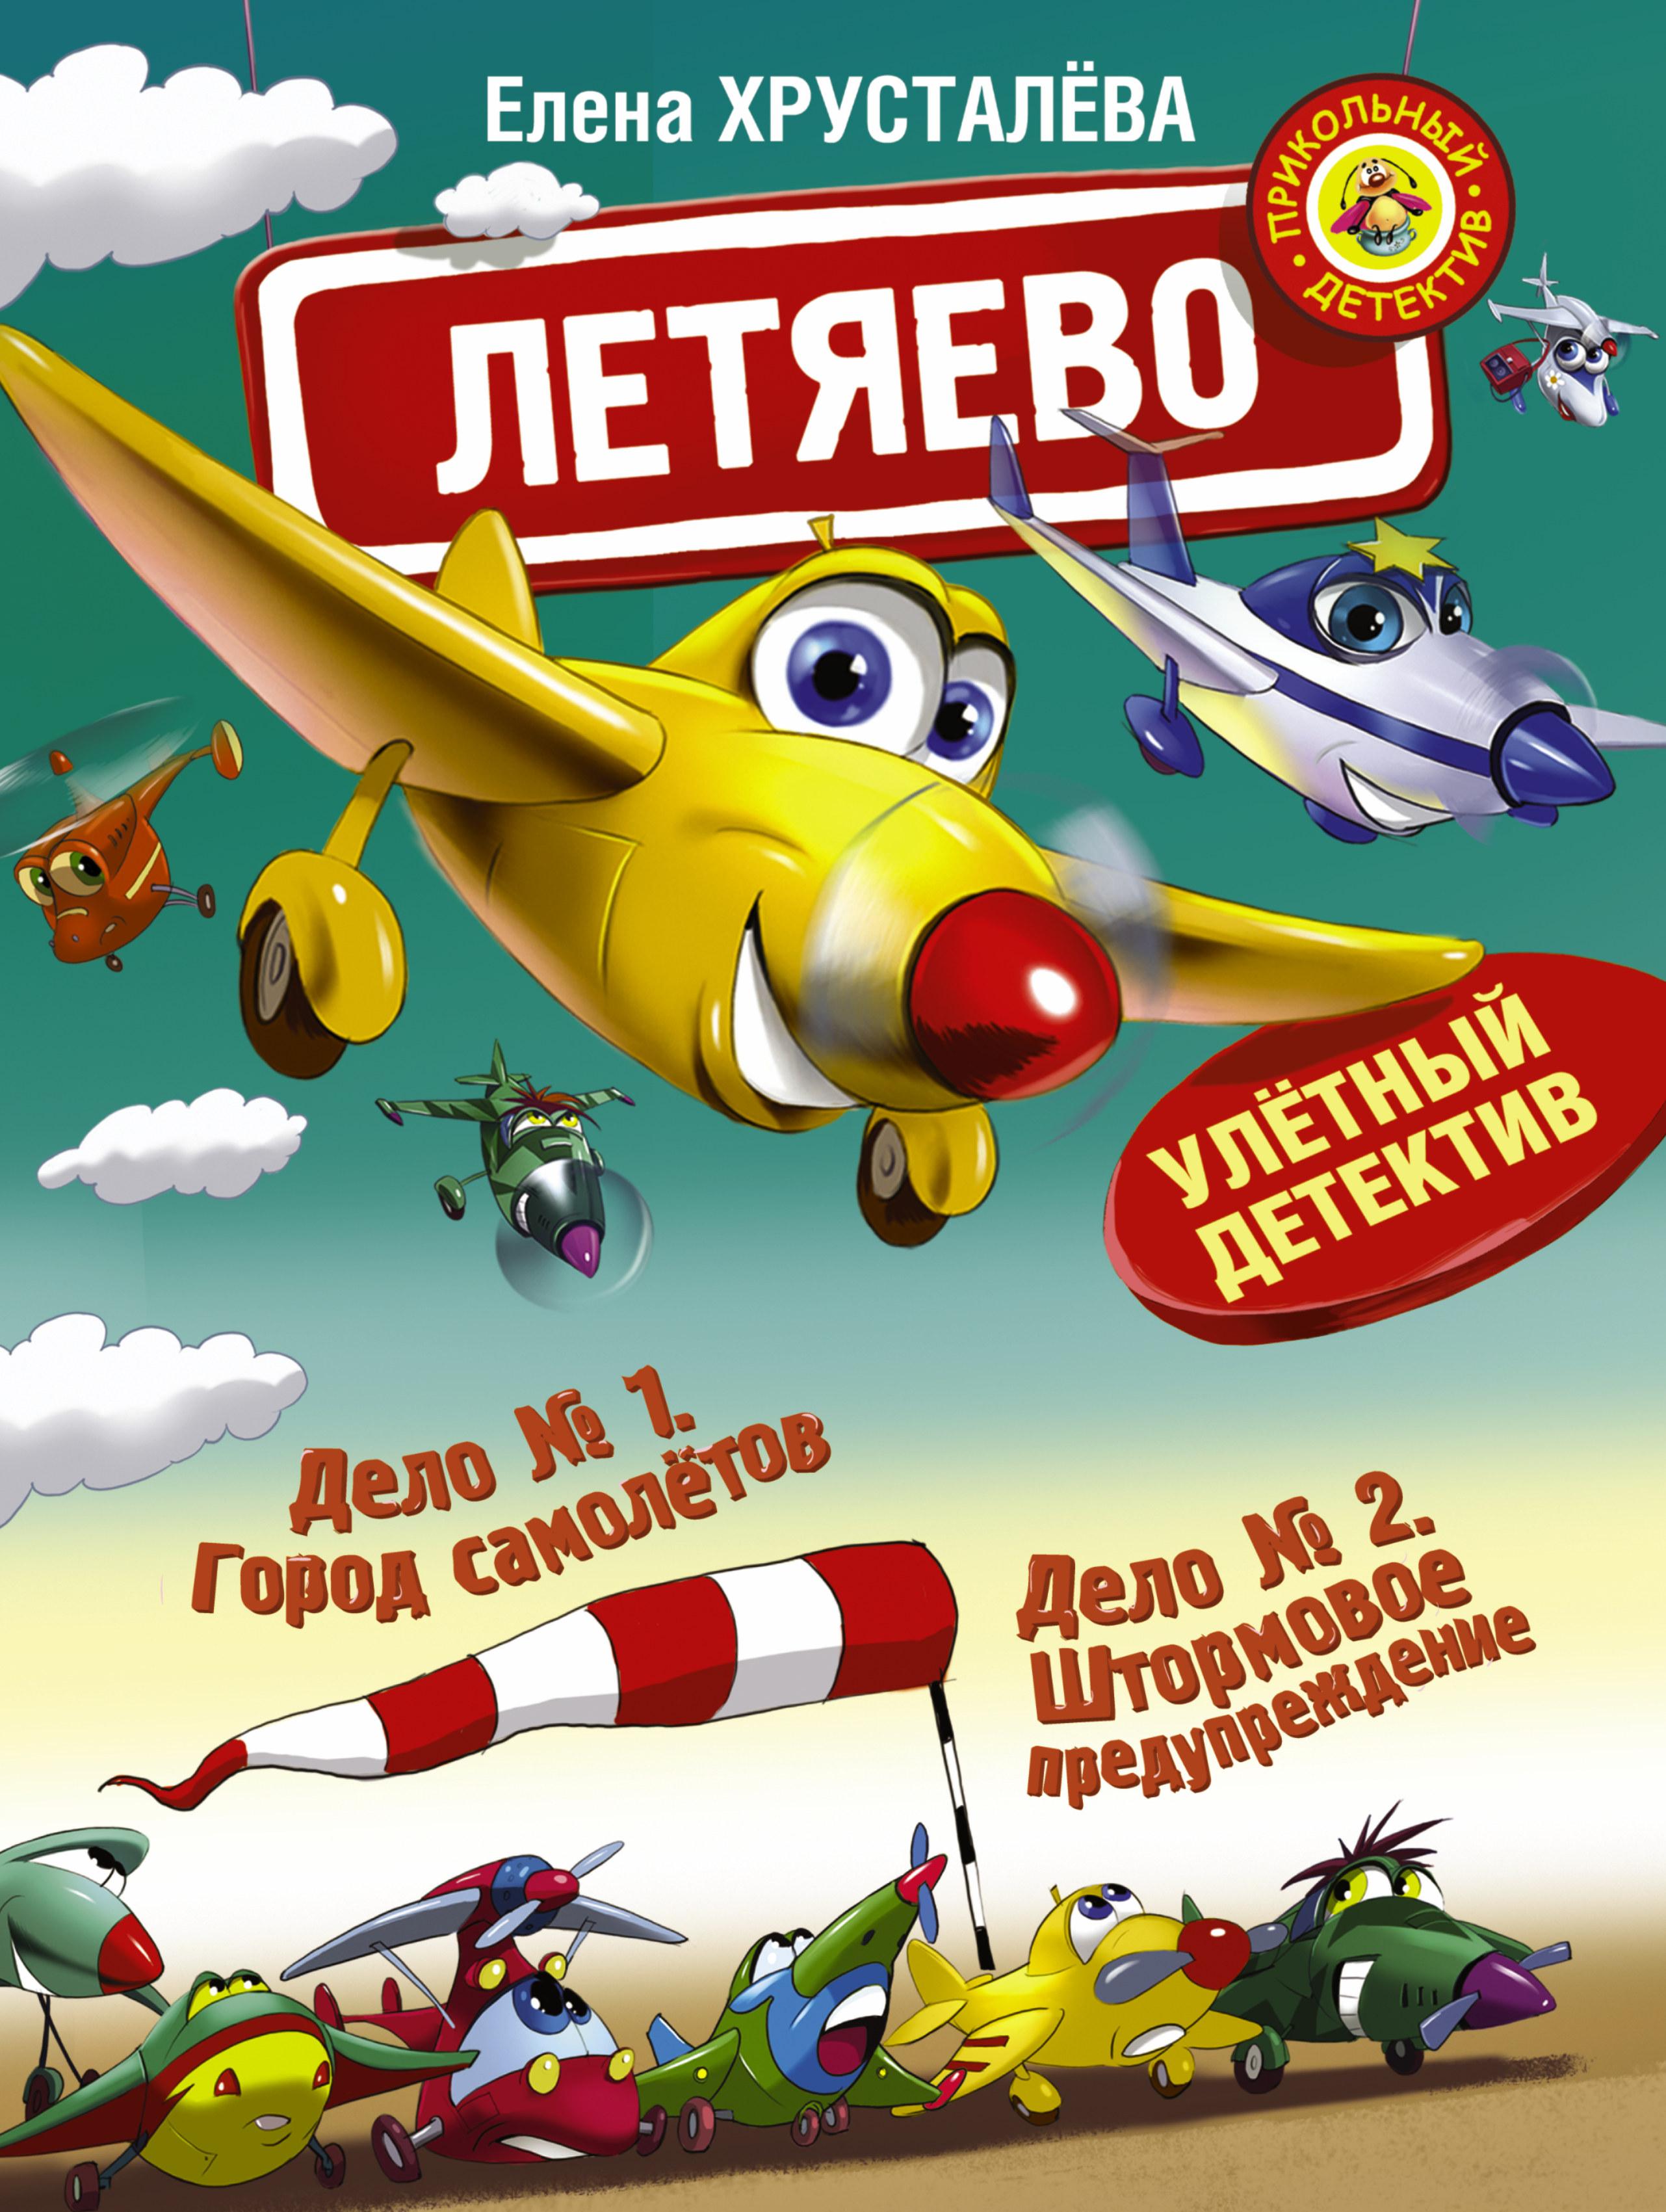 Купить Летяево - улётный детектив, Елена Хрусталева, 978-5-17-091437-1